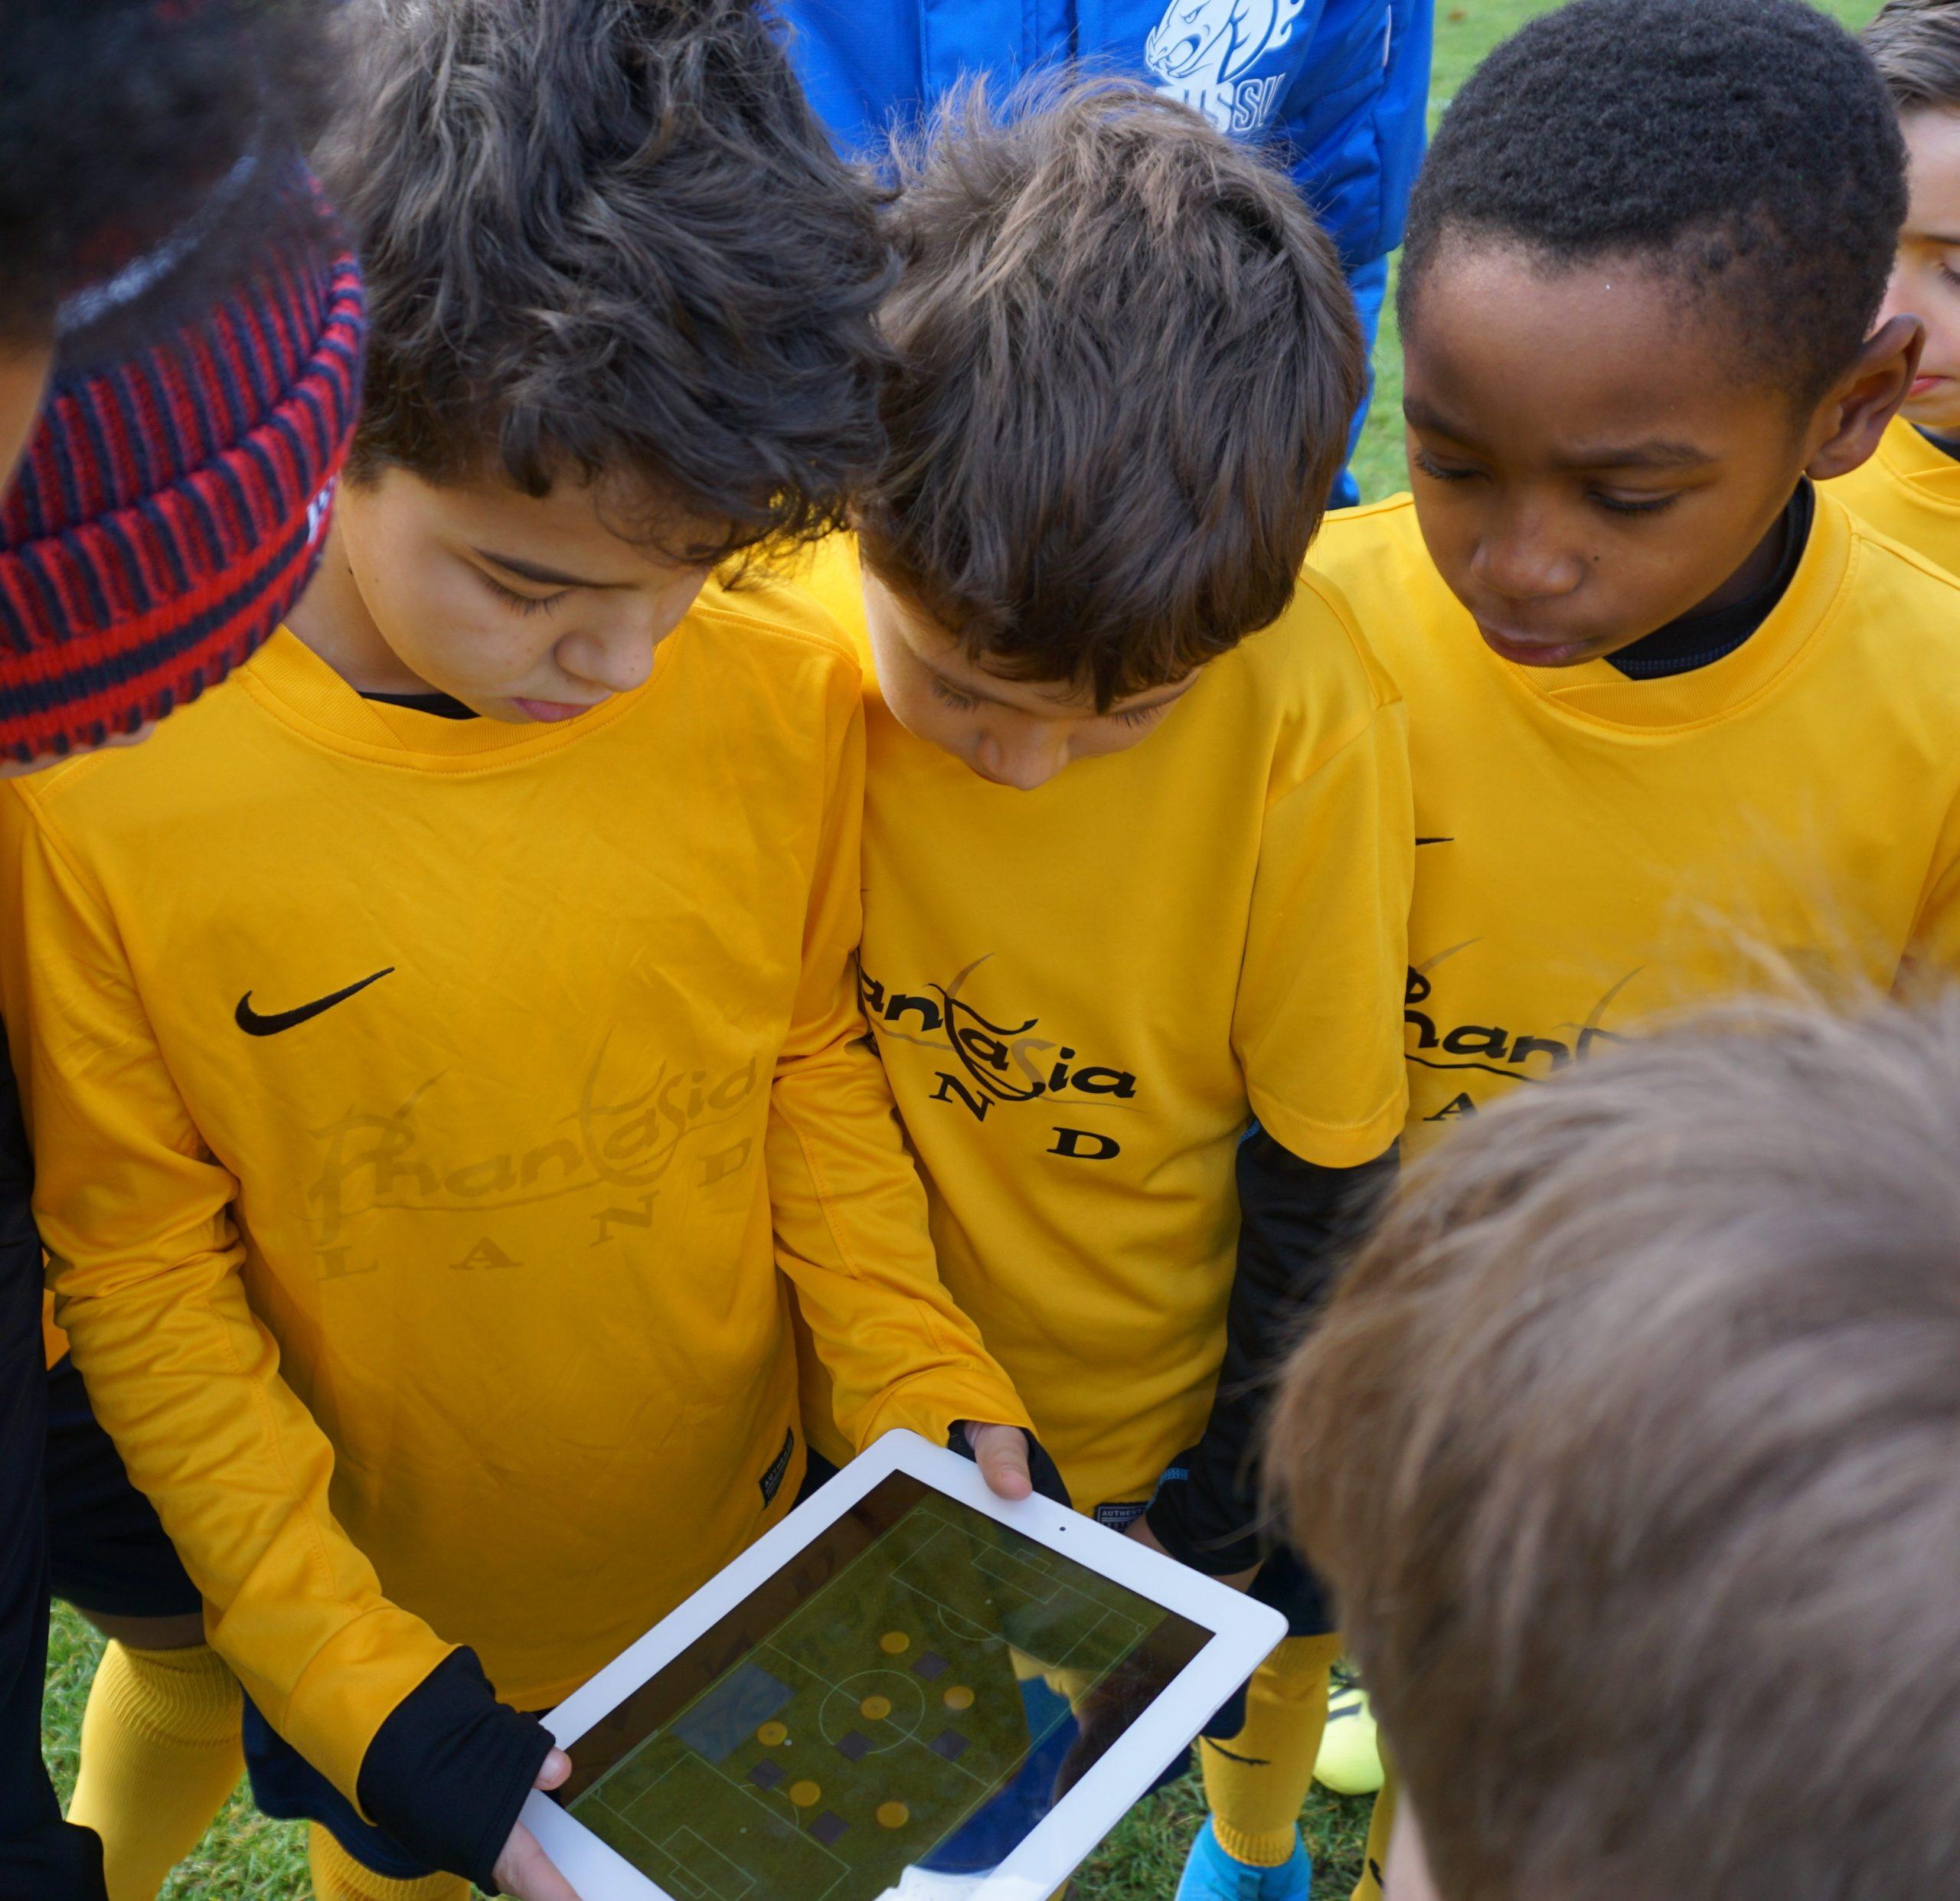 Die Spieler betrachten aufmerksam die Taktik-Anweisungen auf dem Tablet